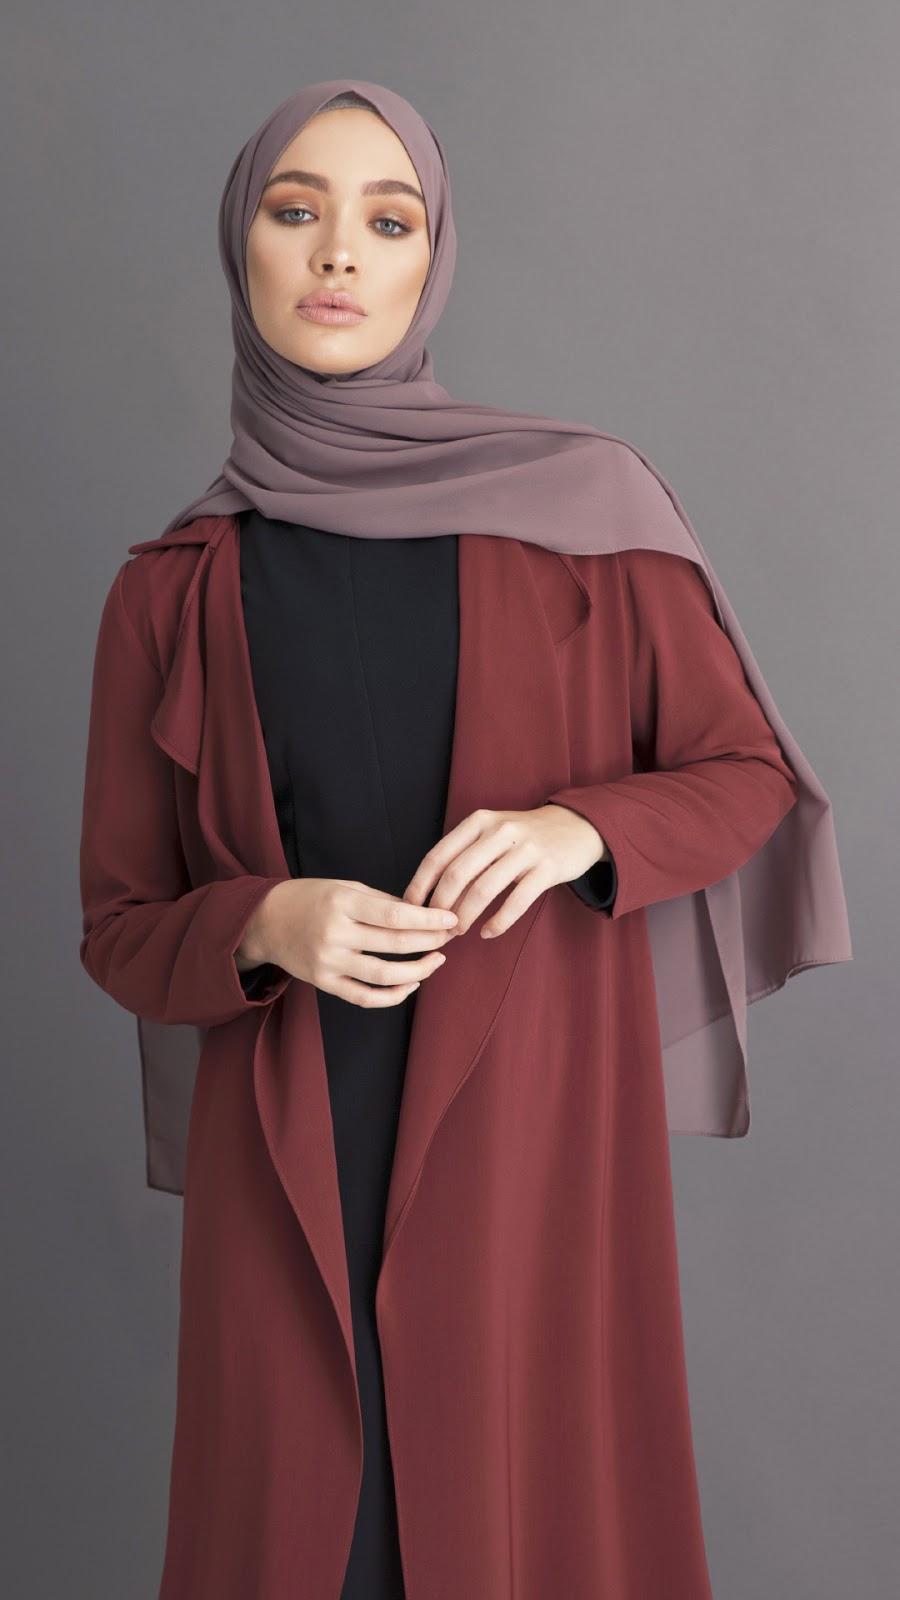 wallpaper muslimah terbaru alis cantik dan manis Hijab dan jilbab